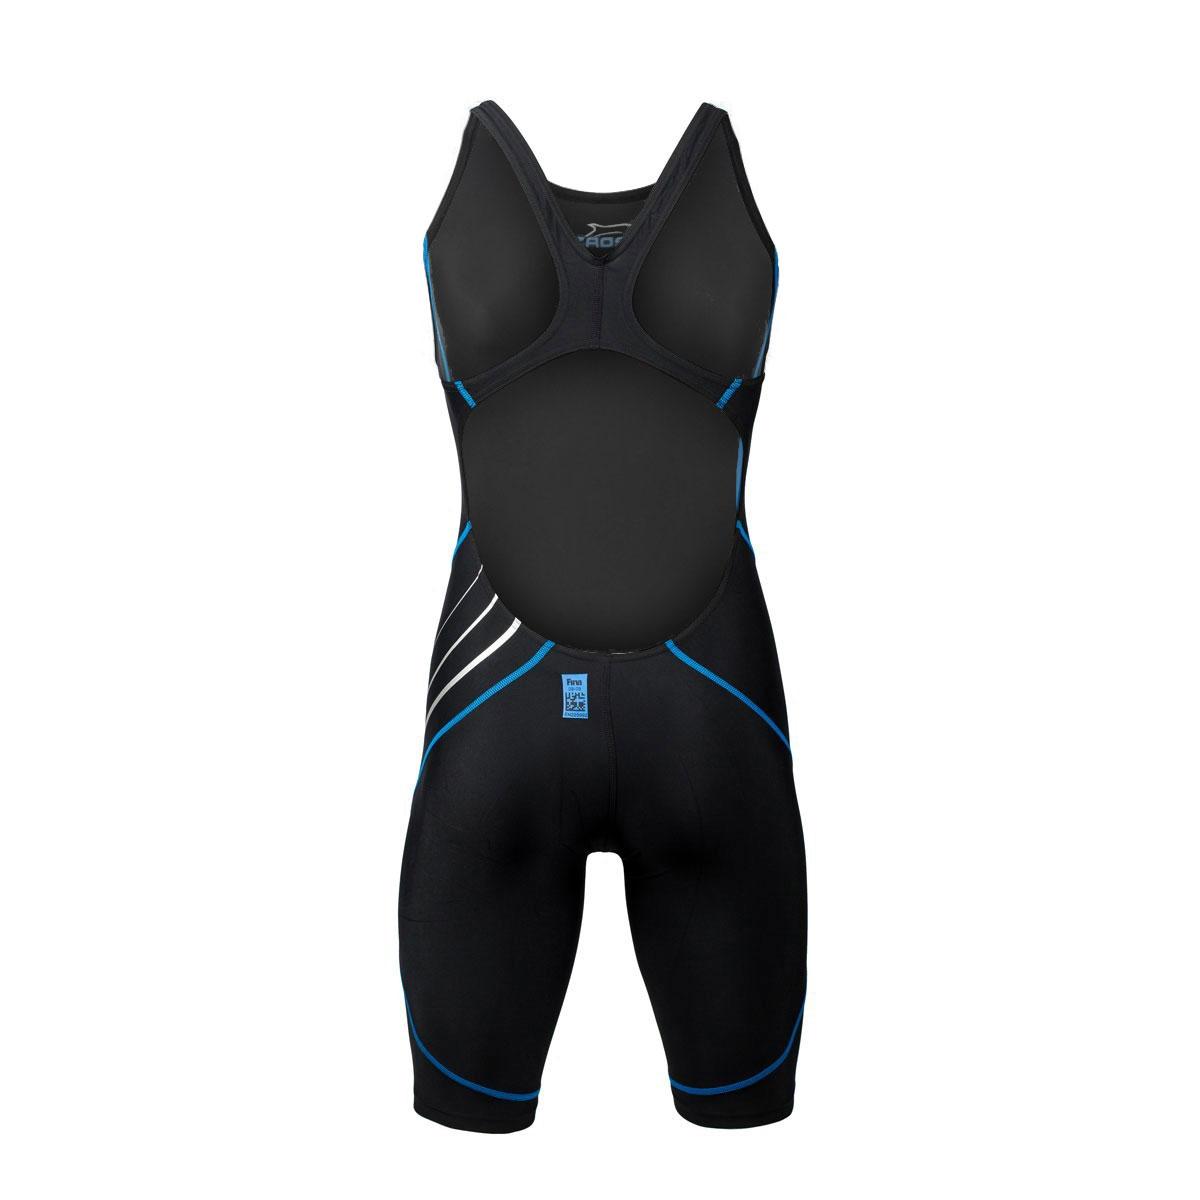 41dcdacb4d2355 ZAOSU Wettkampf-Schwimmanzug Z-Black – Bild 7